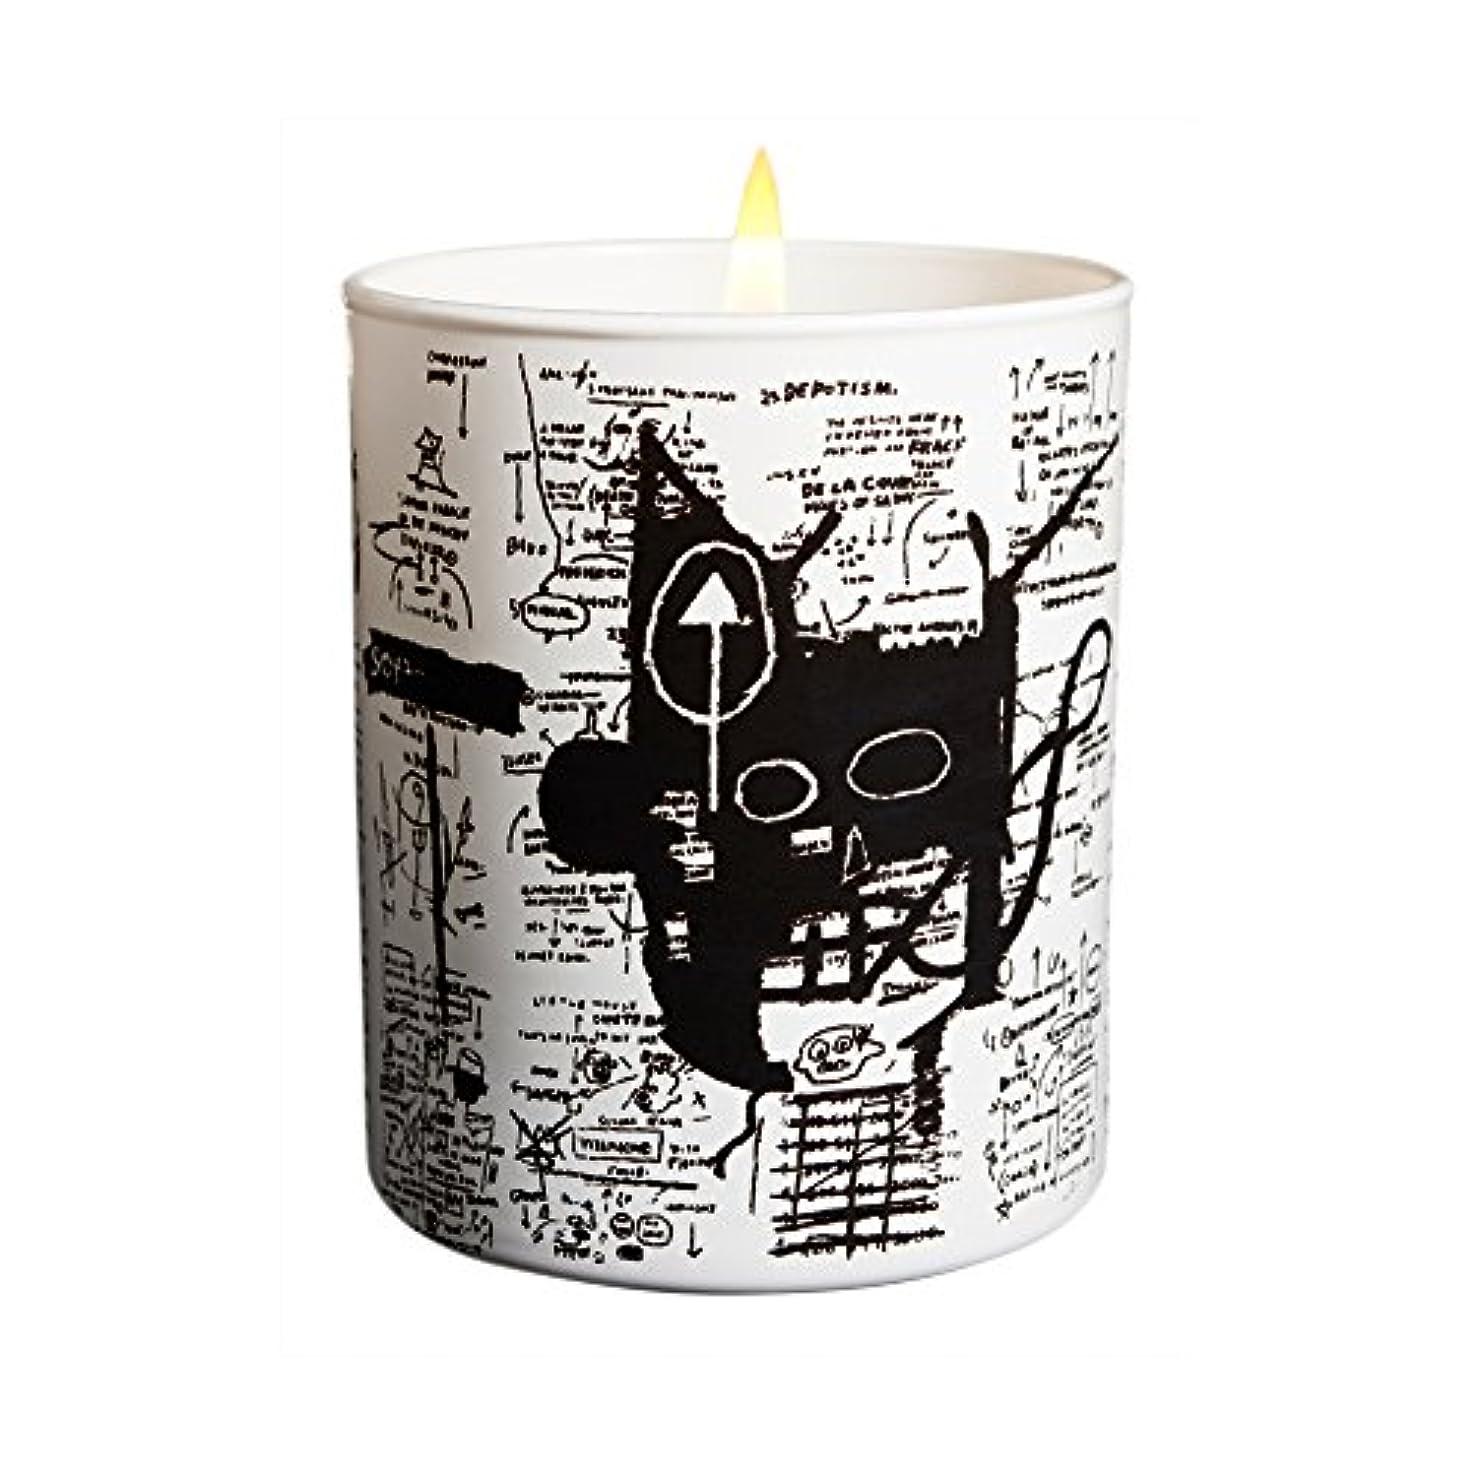 馬力回復請求ジャン ミシェル バスキア リターン オブ ザ セントラル フィギュア キャンドル(Jean-Michael Basquiat Perfumed Candle